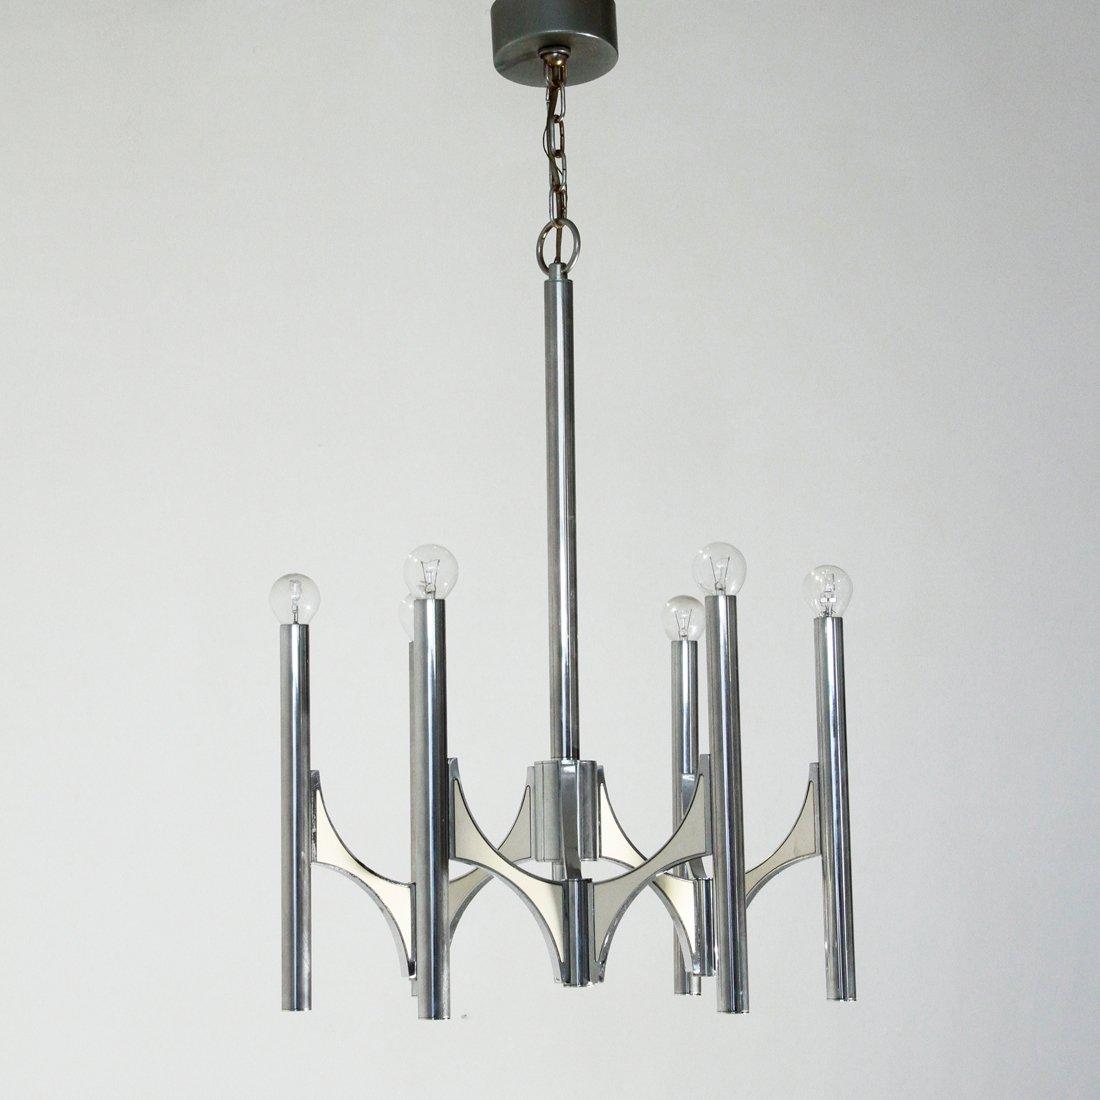 Kronleuchter mit Sechs Leuchten von Sciolari, 1970er